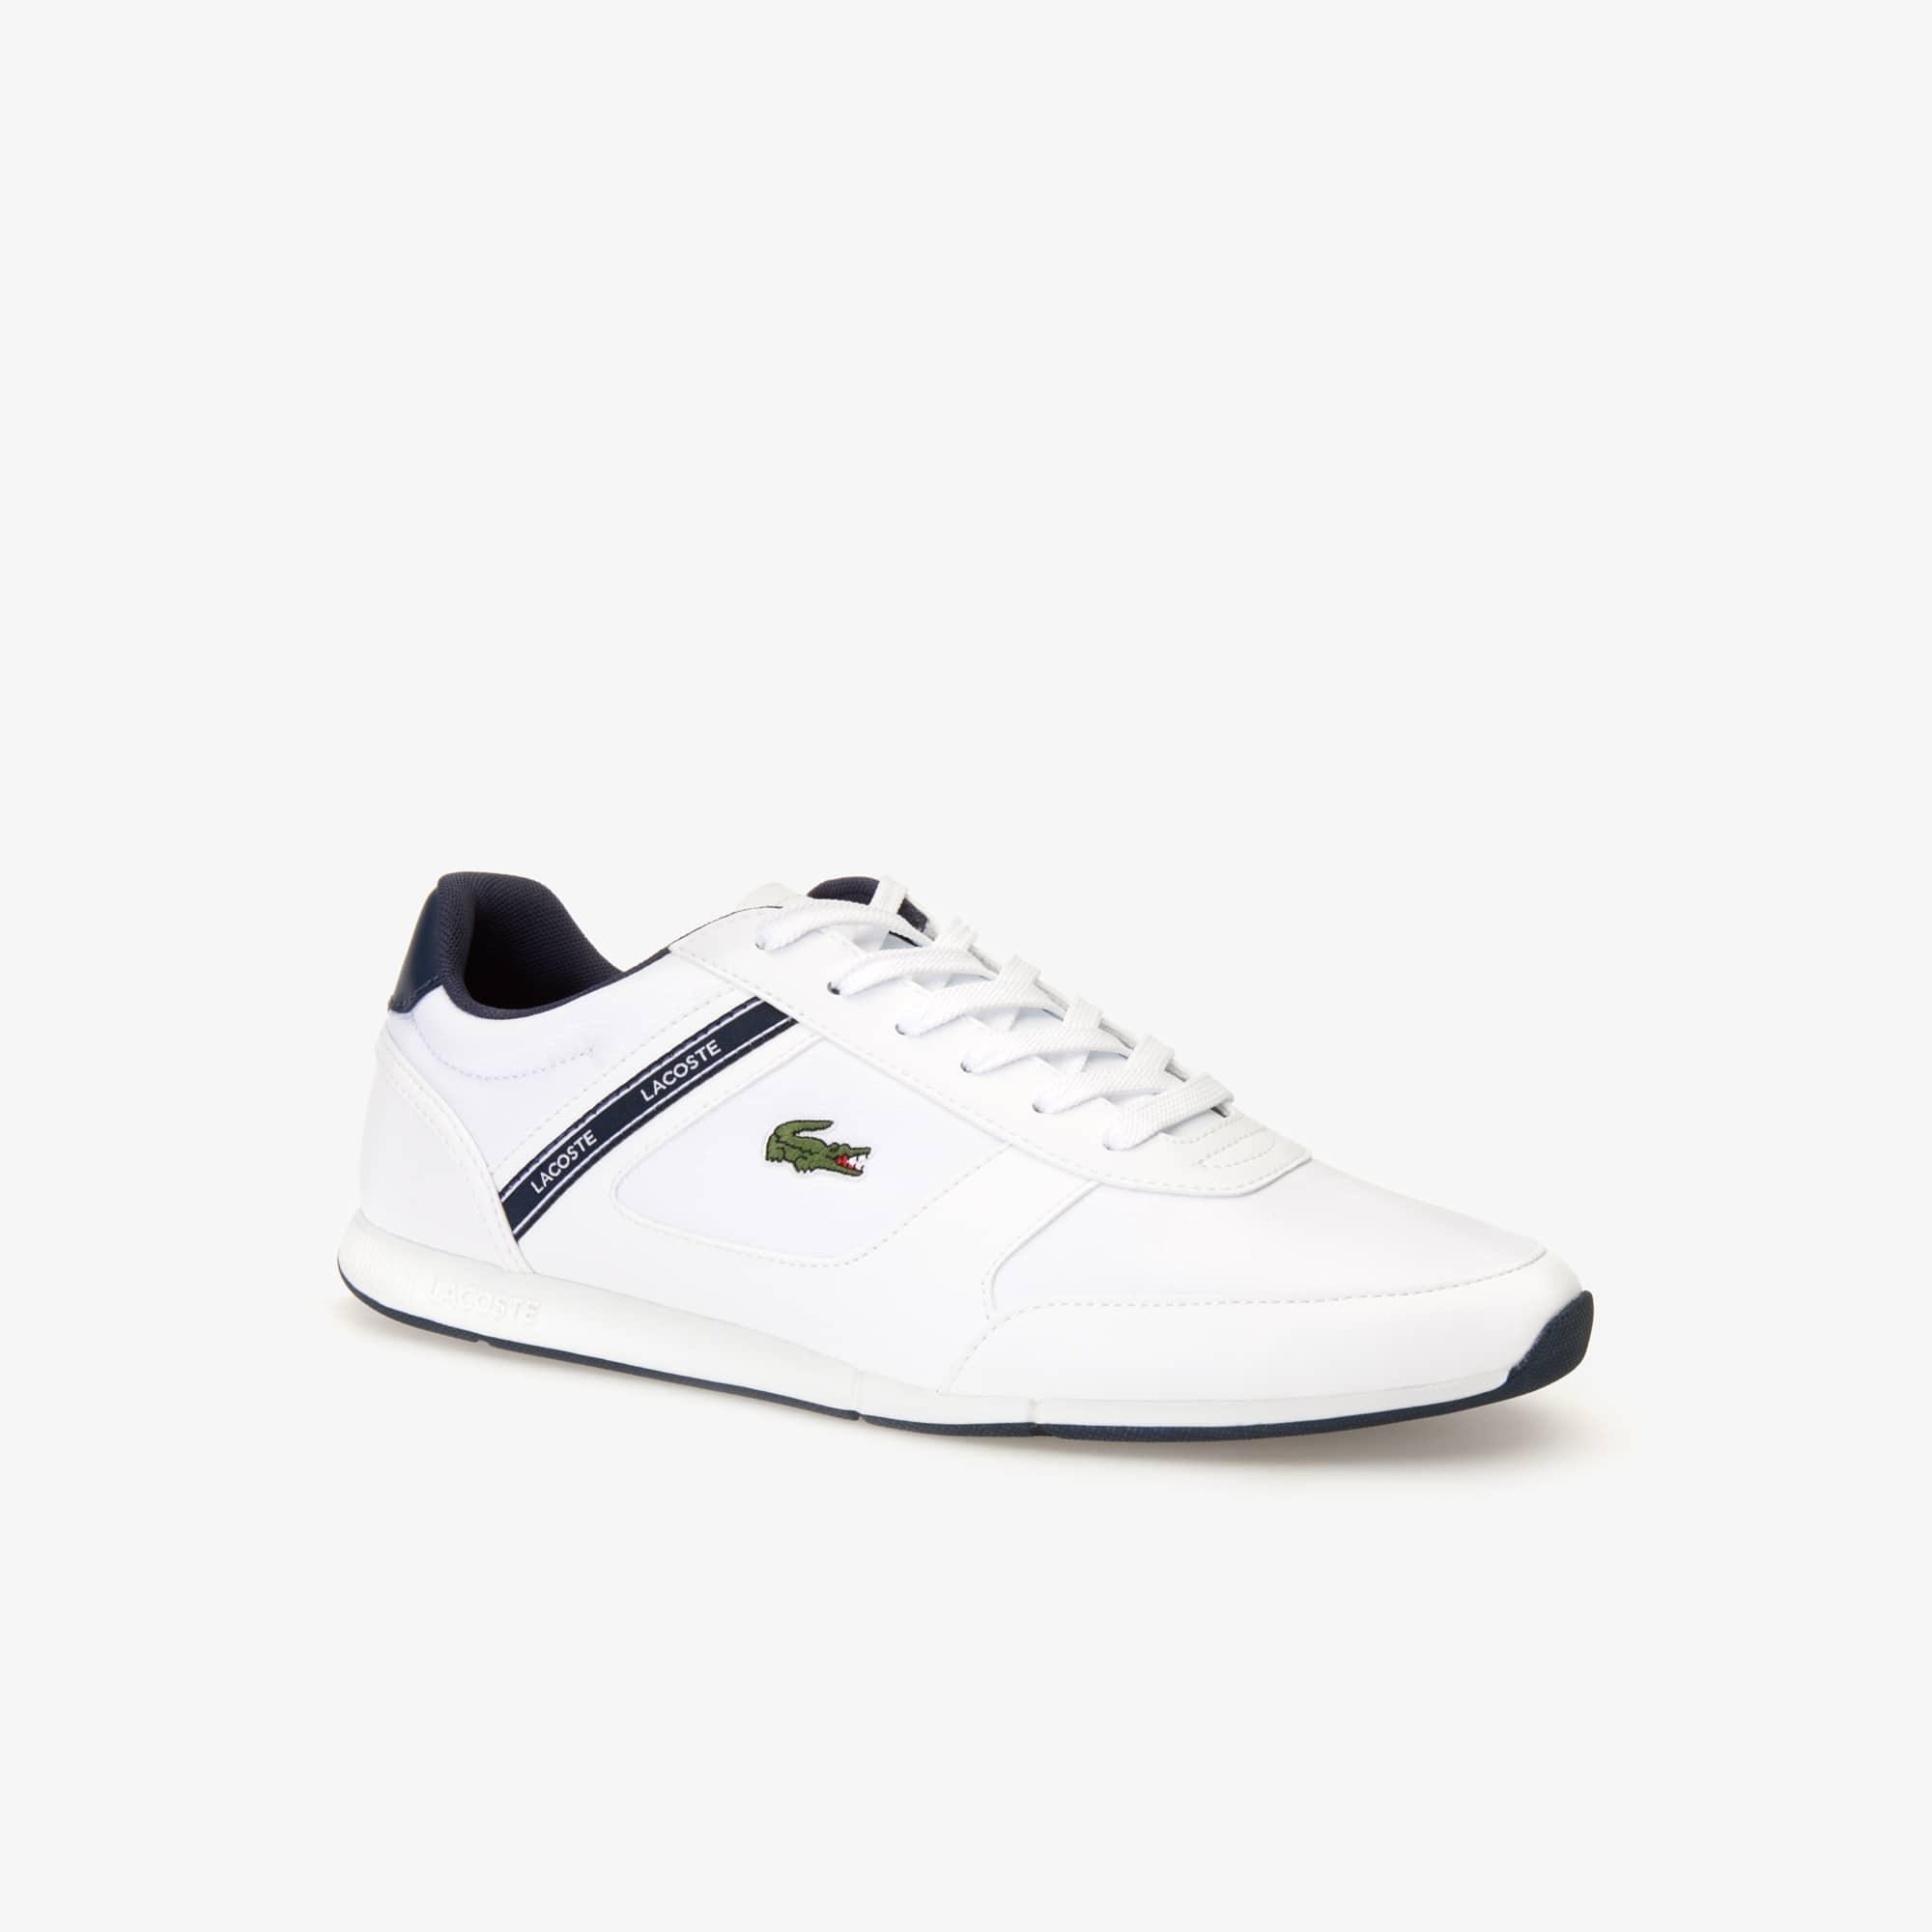 Sneakers In Da Menerva Materiale Uomo SportLacoste Sintetico Y6Iyfbg7v